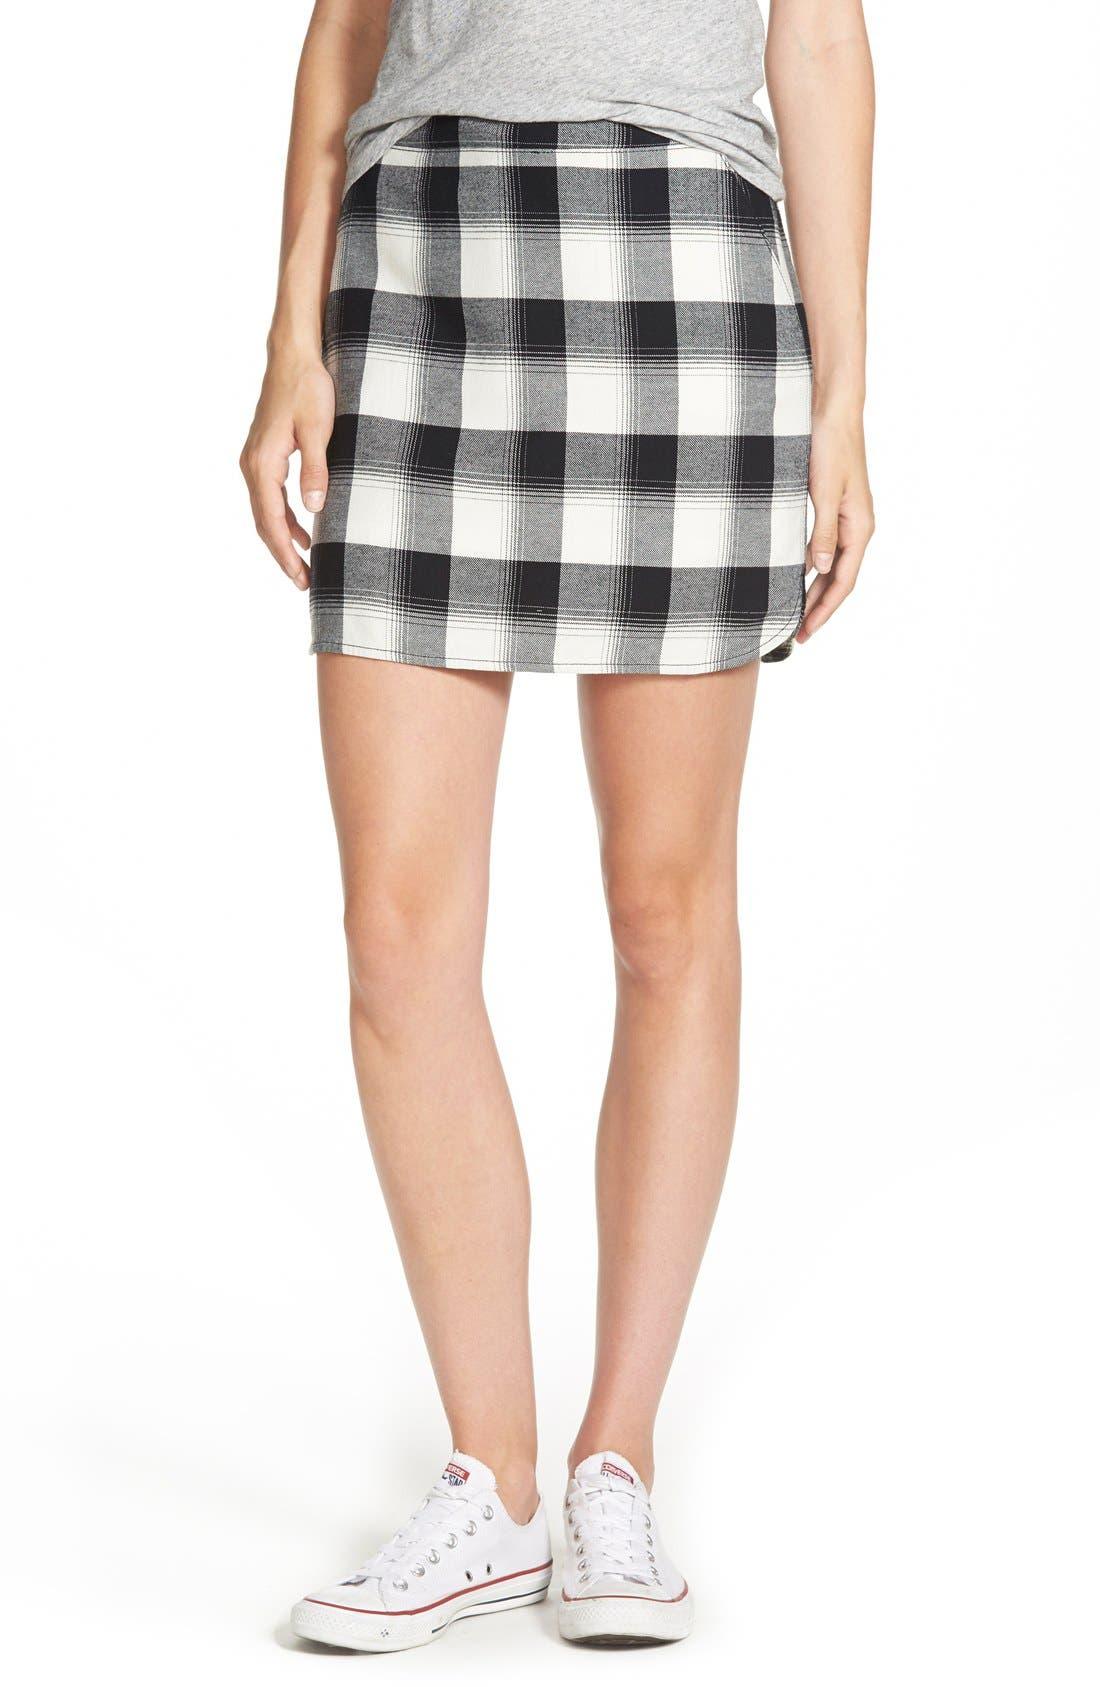 Alternate Image 1 Selected - Treasure&Bond Plaid Miniskirt